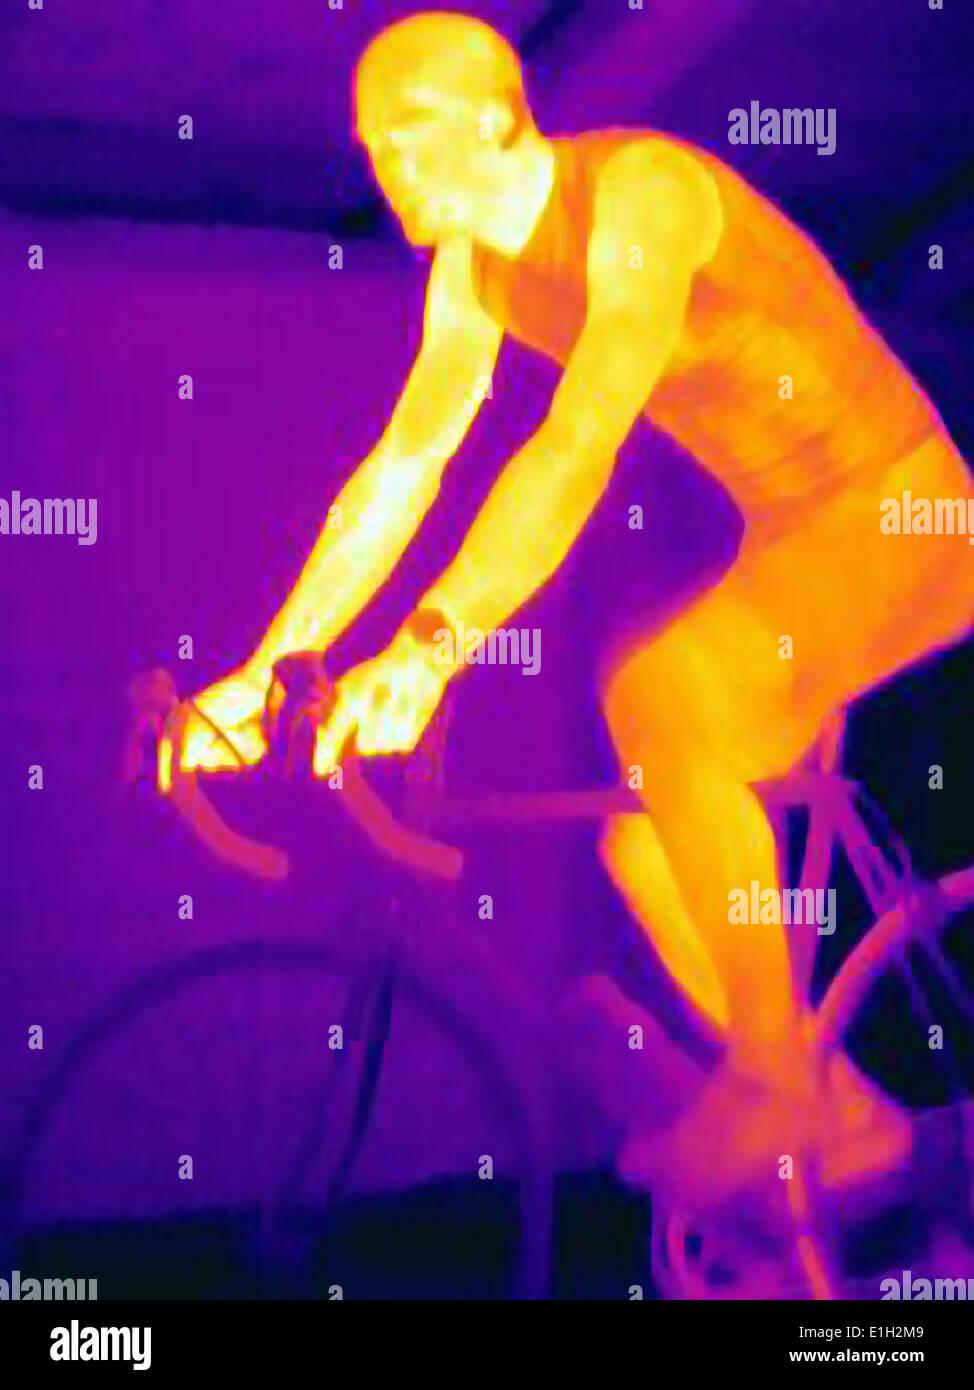 Image thermique de jeunes cyclistes masculins dans la formation, montrant la chaleur des muscles et de la bicyclette Photo Stock